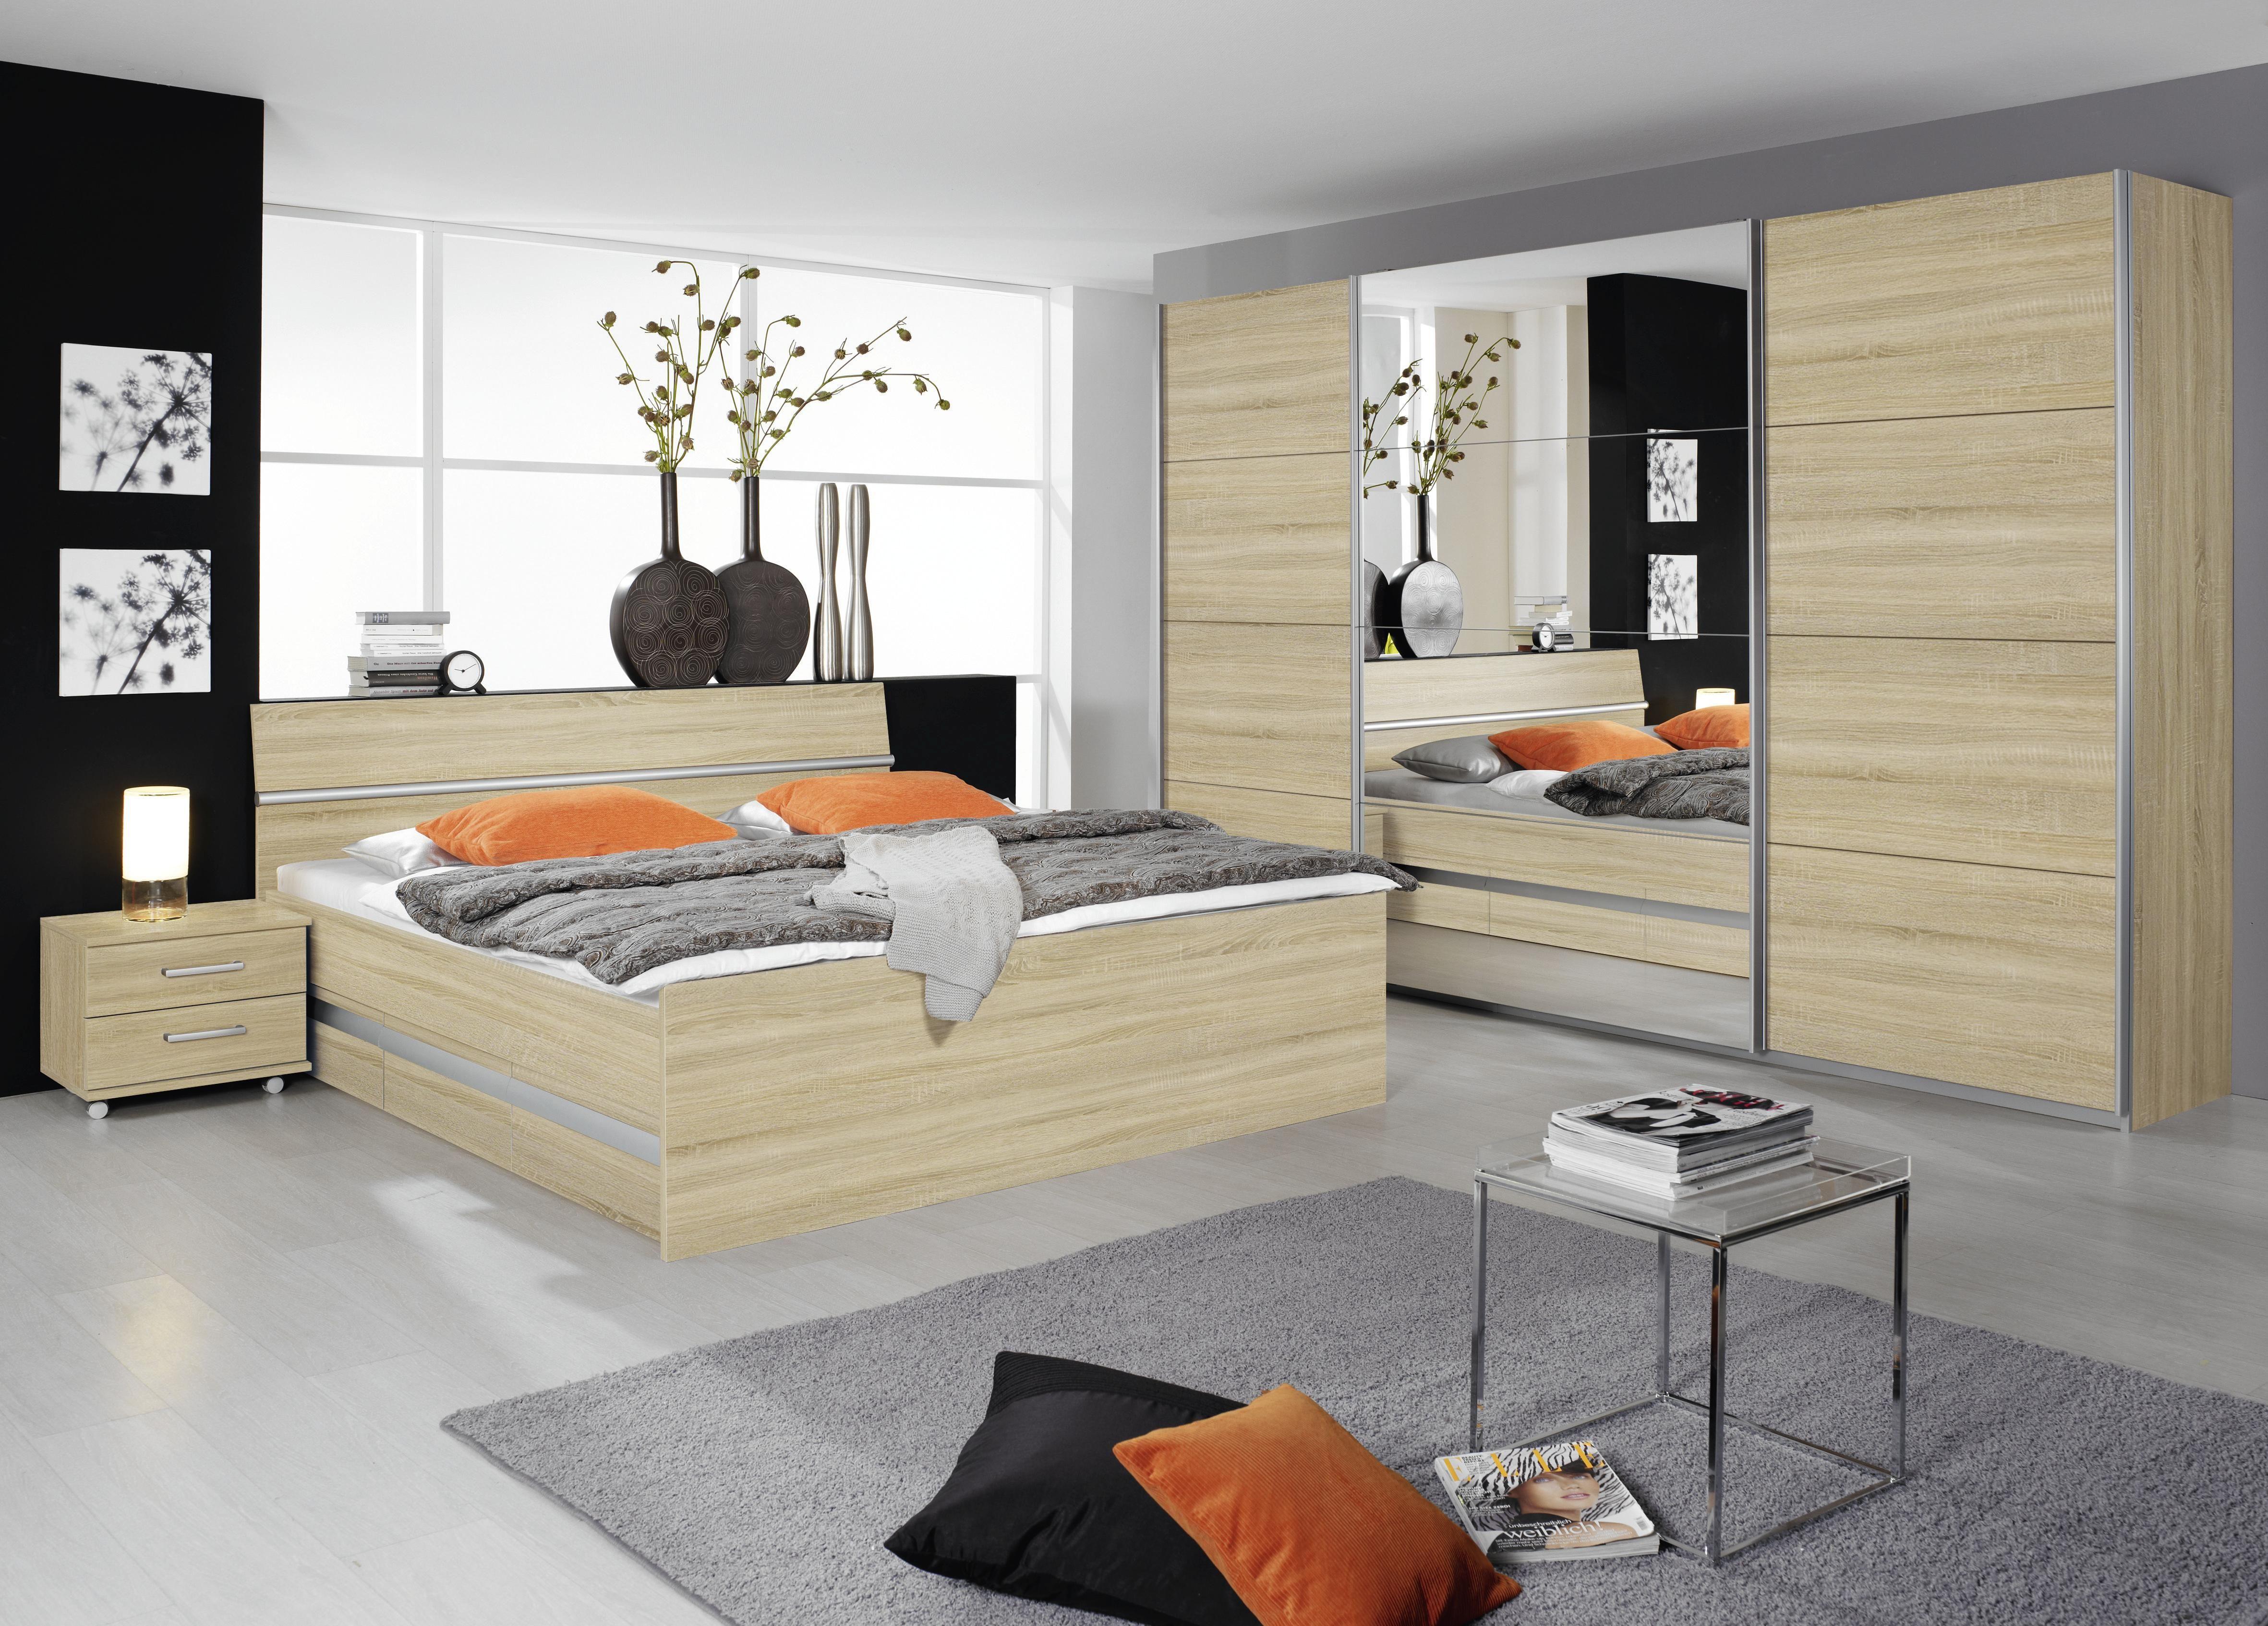 Genial Schlafzimmer Komplett Günstig Poco Furniture, Bed